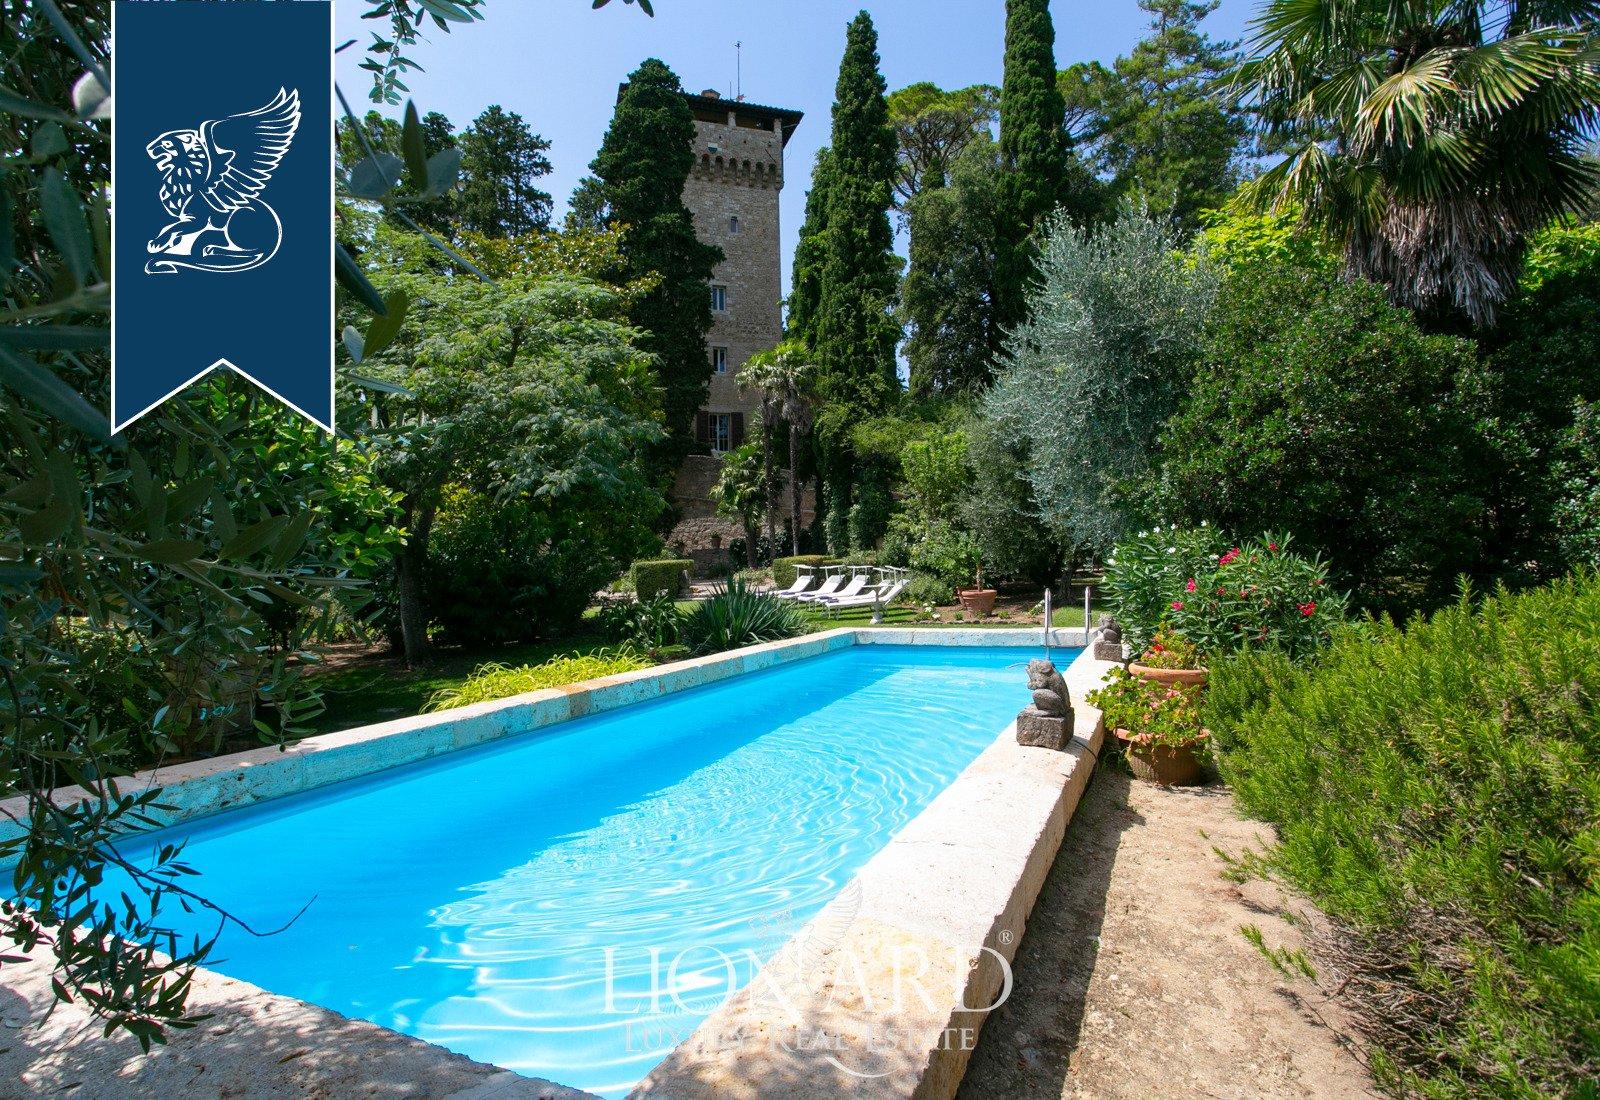 Castle in Cetona, Tuscany, Italy 1